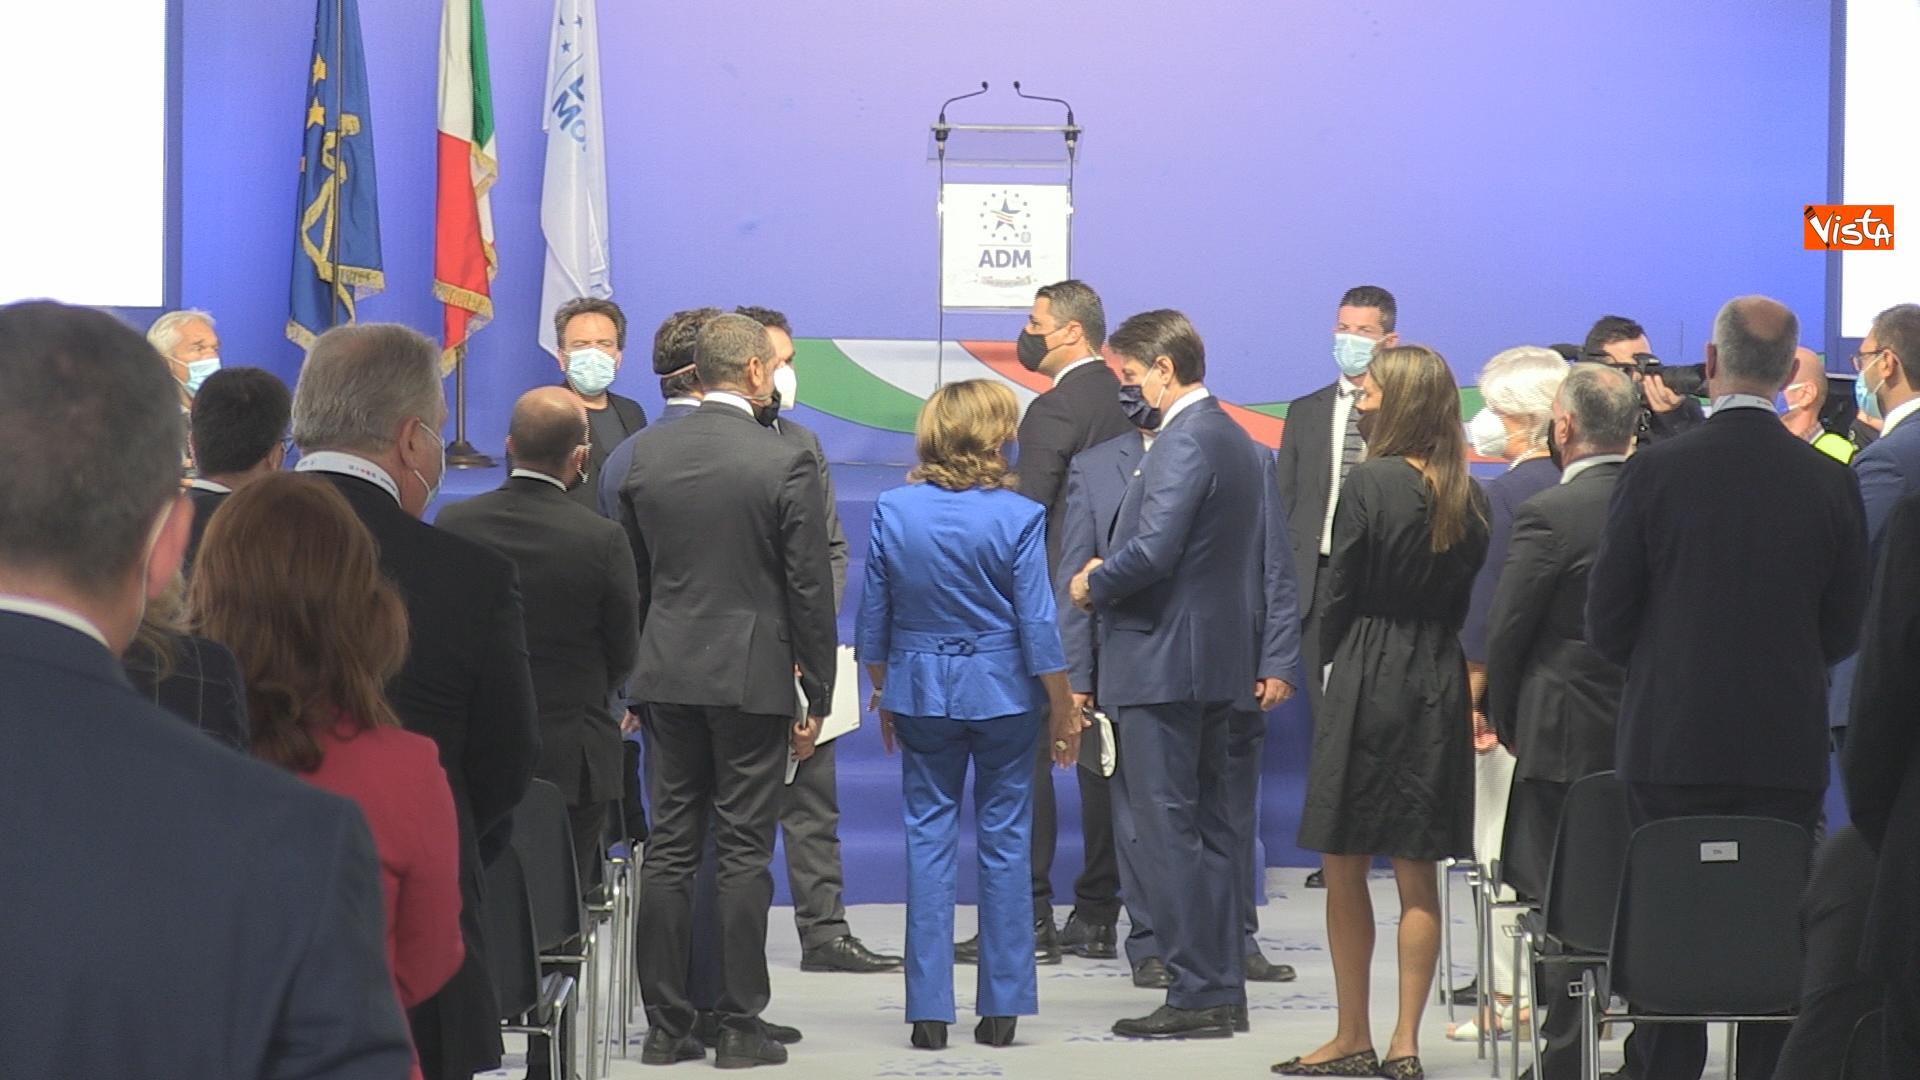 La presidente del Senato Maria Elisabetta Alberti Casellati (di spalle) parla con il presidente del Consiglio Giuseppe Conte